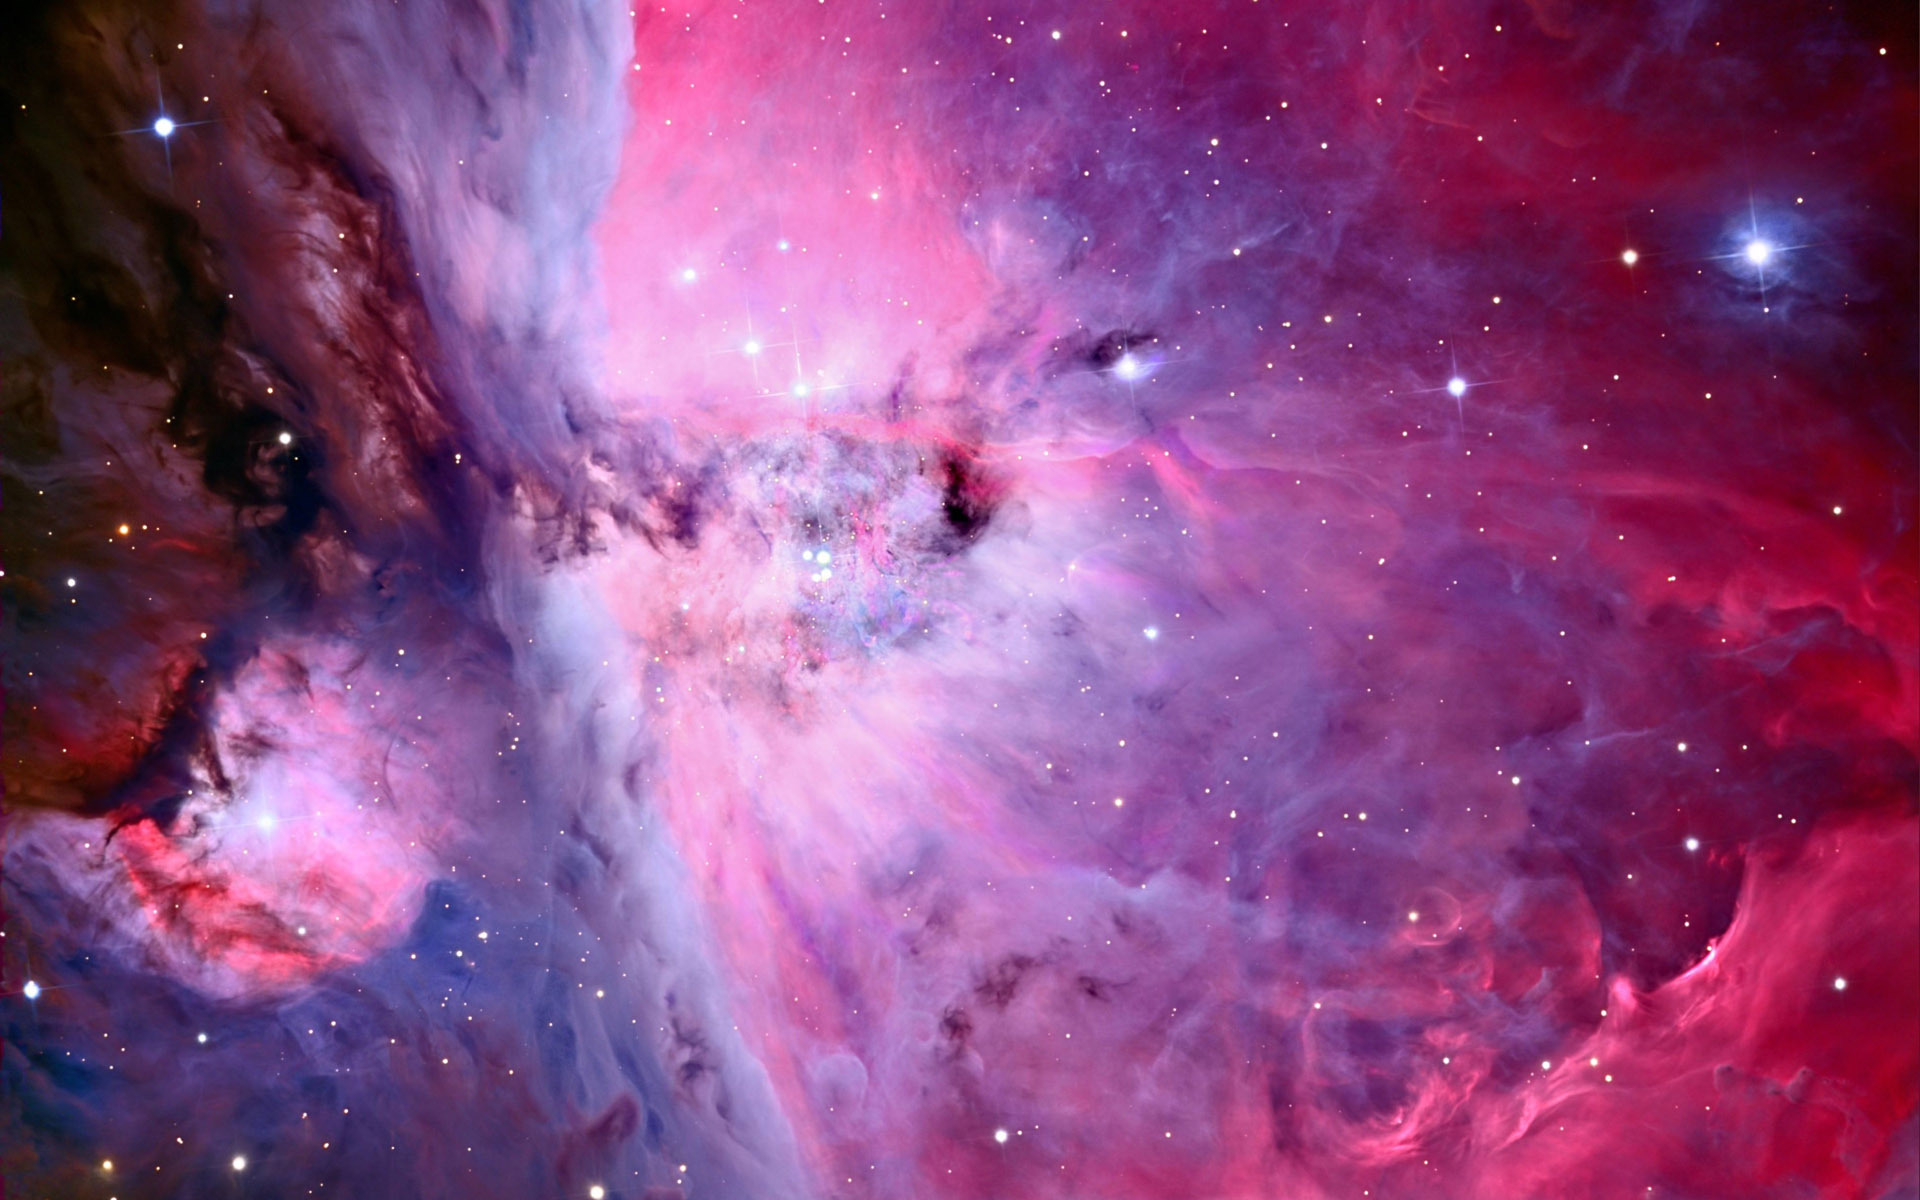 màu hồng, hồng không gian background